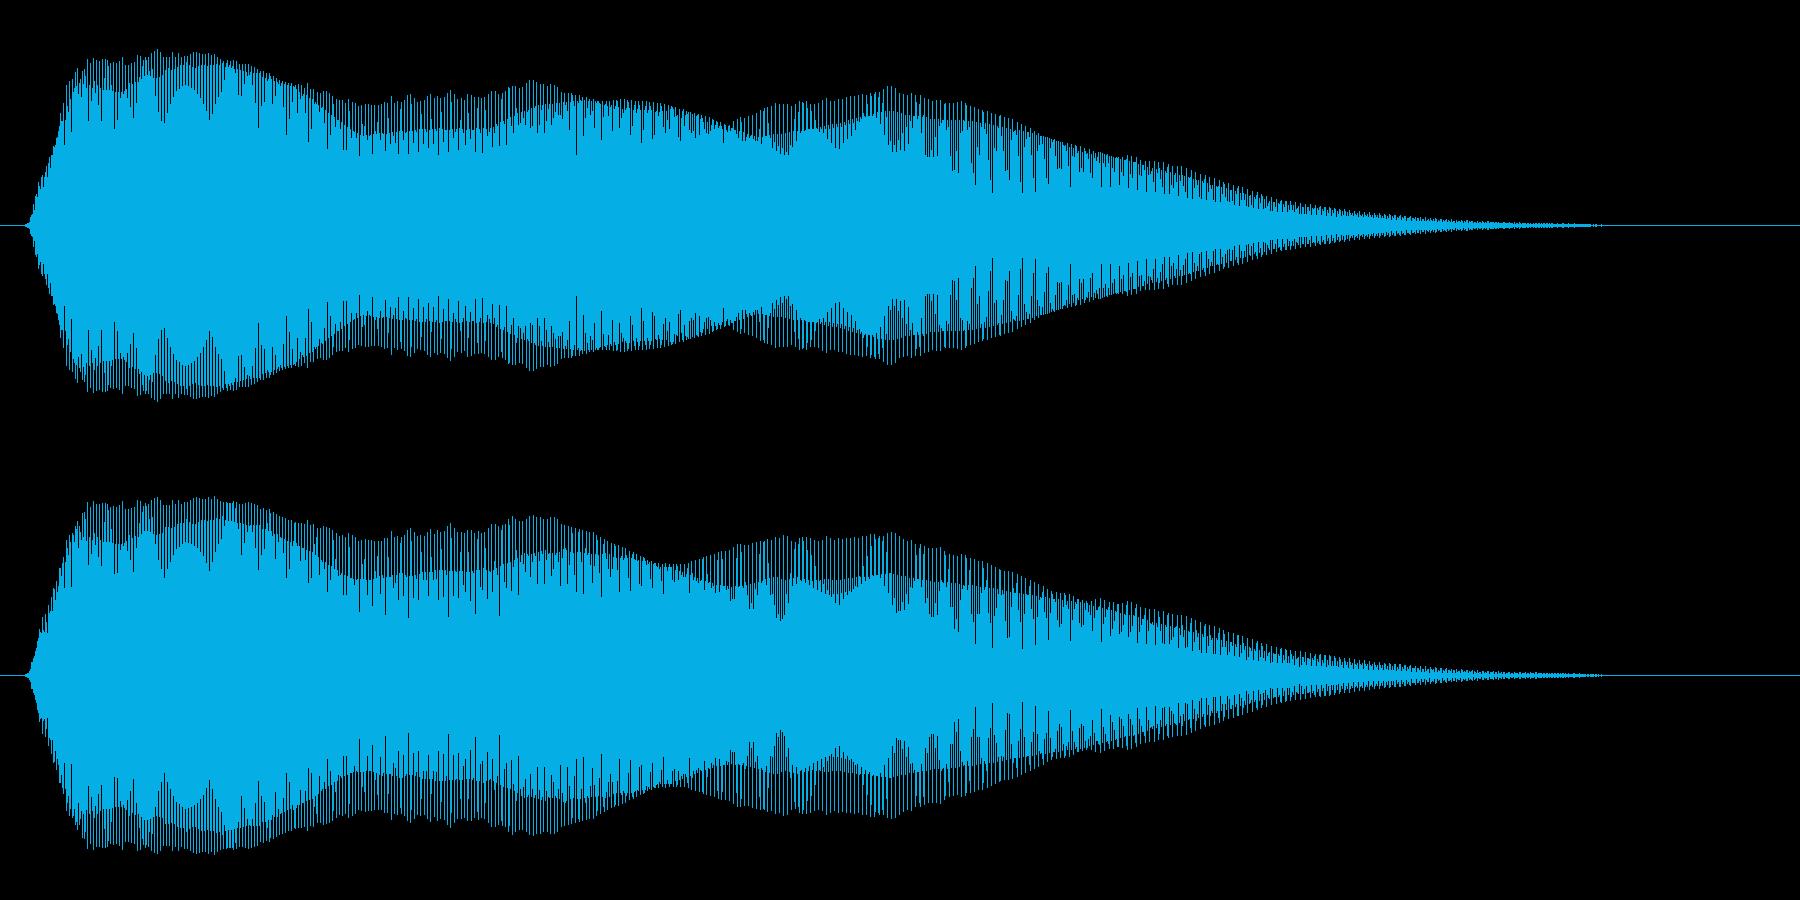 ピュゥゥ〜ン(ユーモラスで余韻のある音)の再生済みの波形